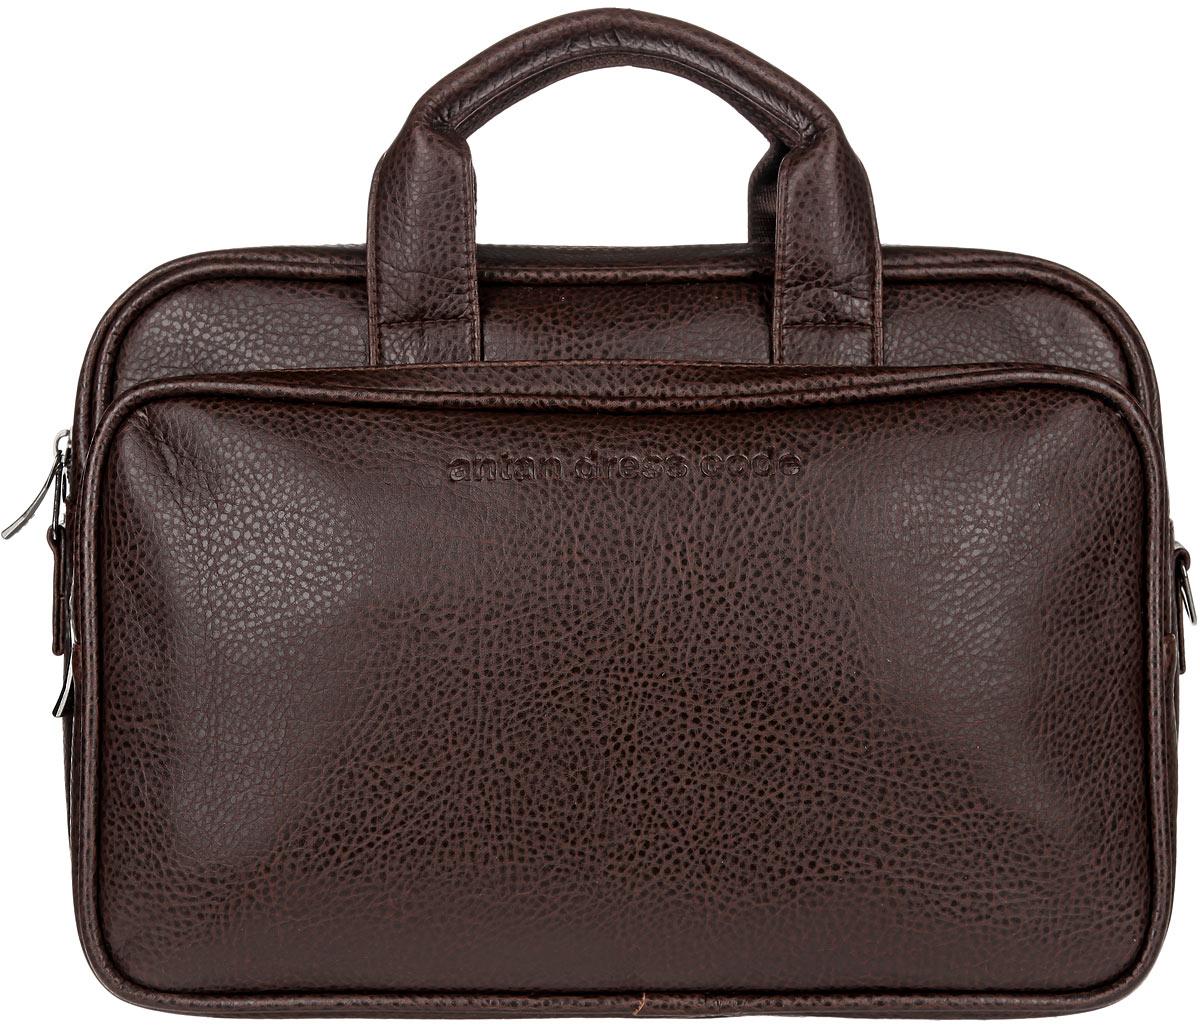 Сумка мужская Antan, цвет: темно-коричневый. 8-4871069с-2Стильная мужская сумка Antan, выполненная из искусственной кожи, оформлена тисненым логотипом бренда на лицевой стороне. Сумка состоит из одного отделения, закрывающегося на застежку-молнию. Внутри расположены два накладных сетчатых кармана. Снаружи, на передней и задней стенках находятся два объемных накладных кармана на застежках-молниях. Основание защищено от повреждений металлическими ножками.Сумка оснащена двумя удобными ручками. В комплект входит съемный текстильный плечевой ремень регулируемой длины.Сумка - это стильный аксессуар, который подчеркнет вашу изысканность и индивидуальность и сделает ваш образ завершенным.